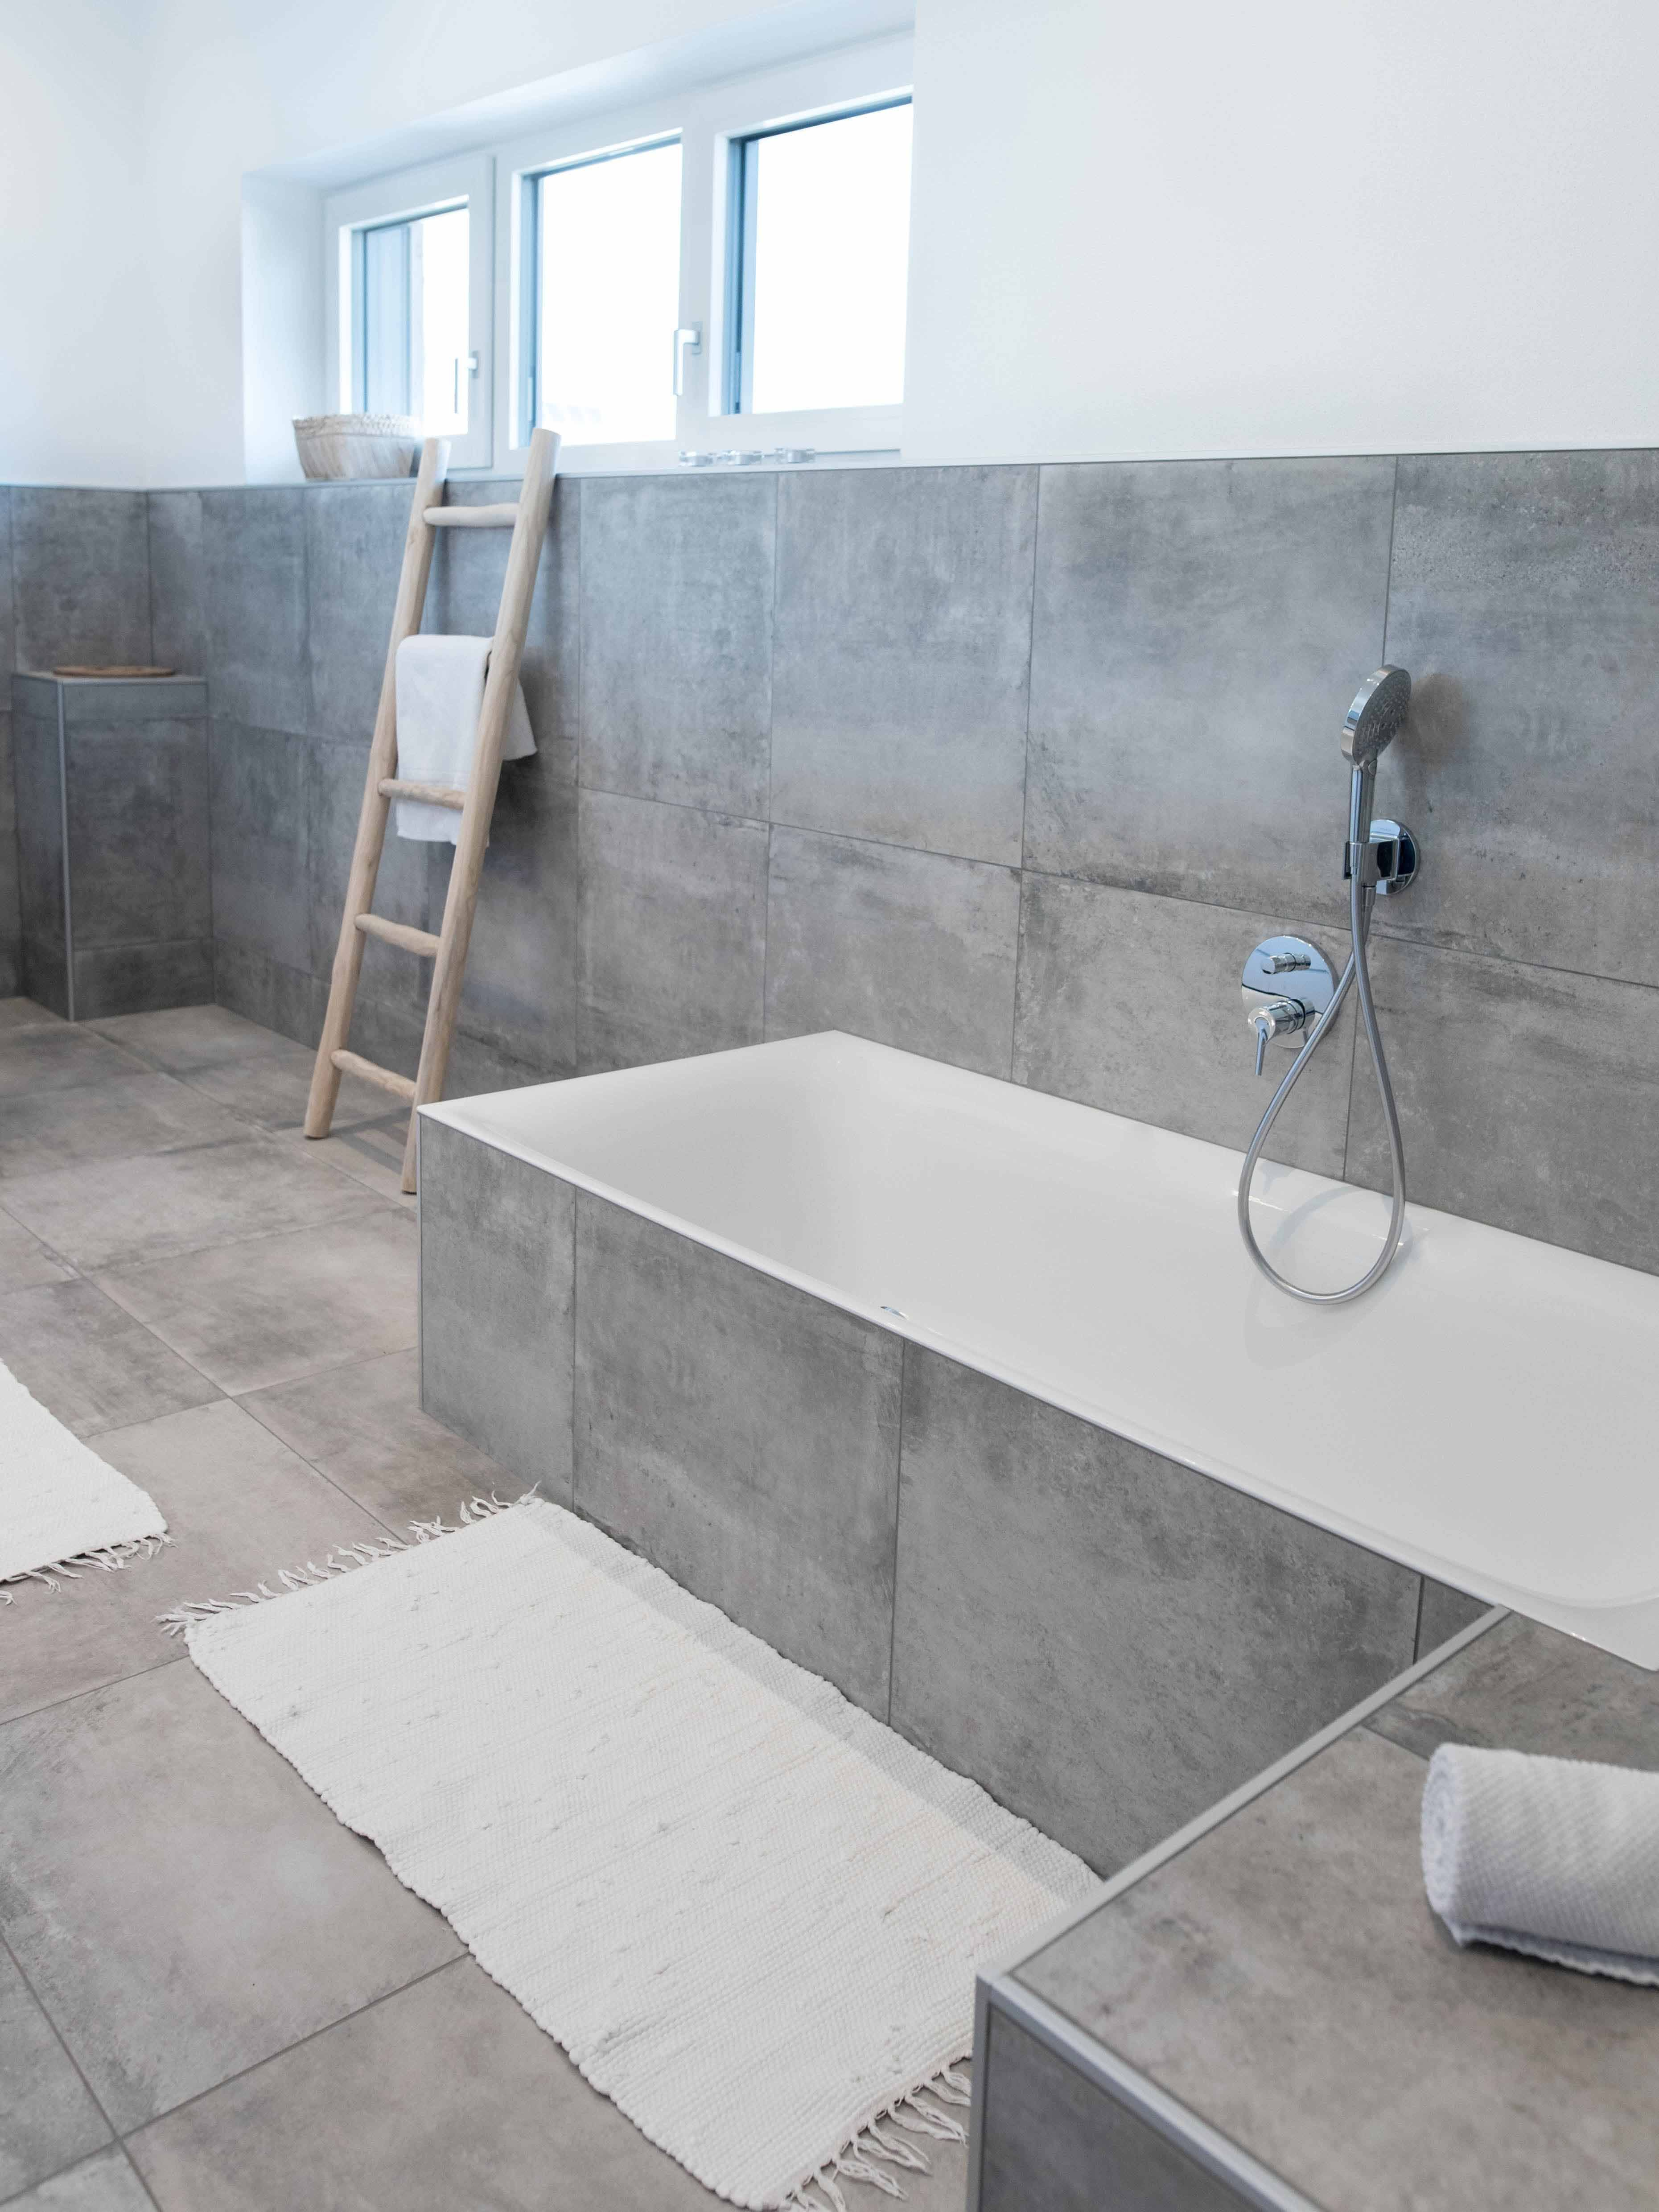 Inspirieren Lassen Auf Badezimmer Natur Badezimmer Und Wc Mit Dusche